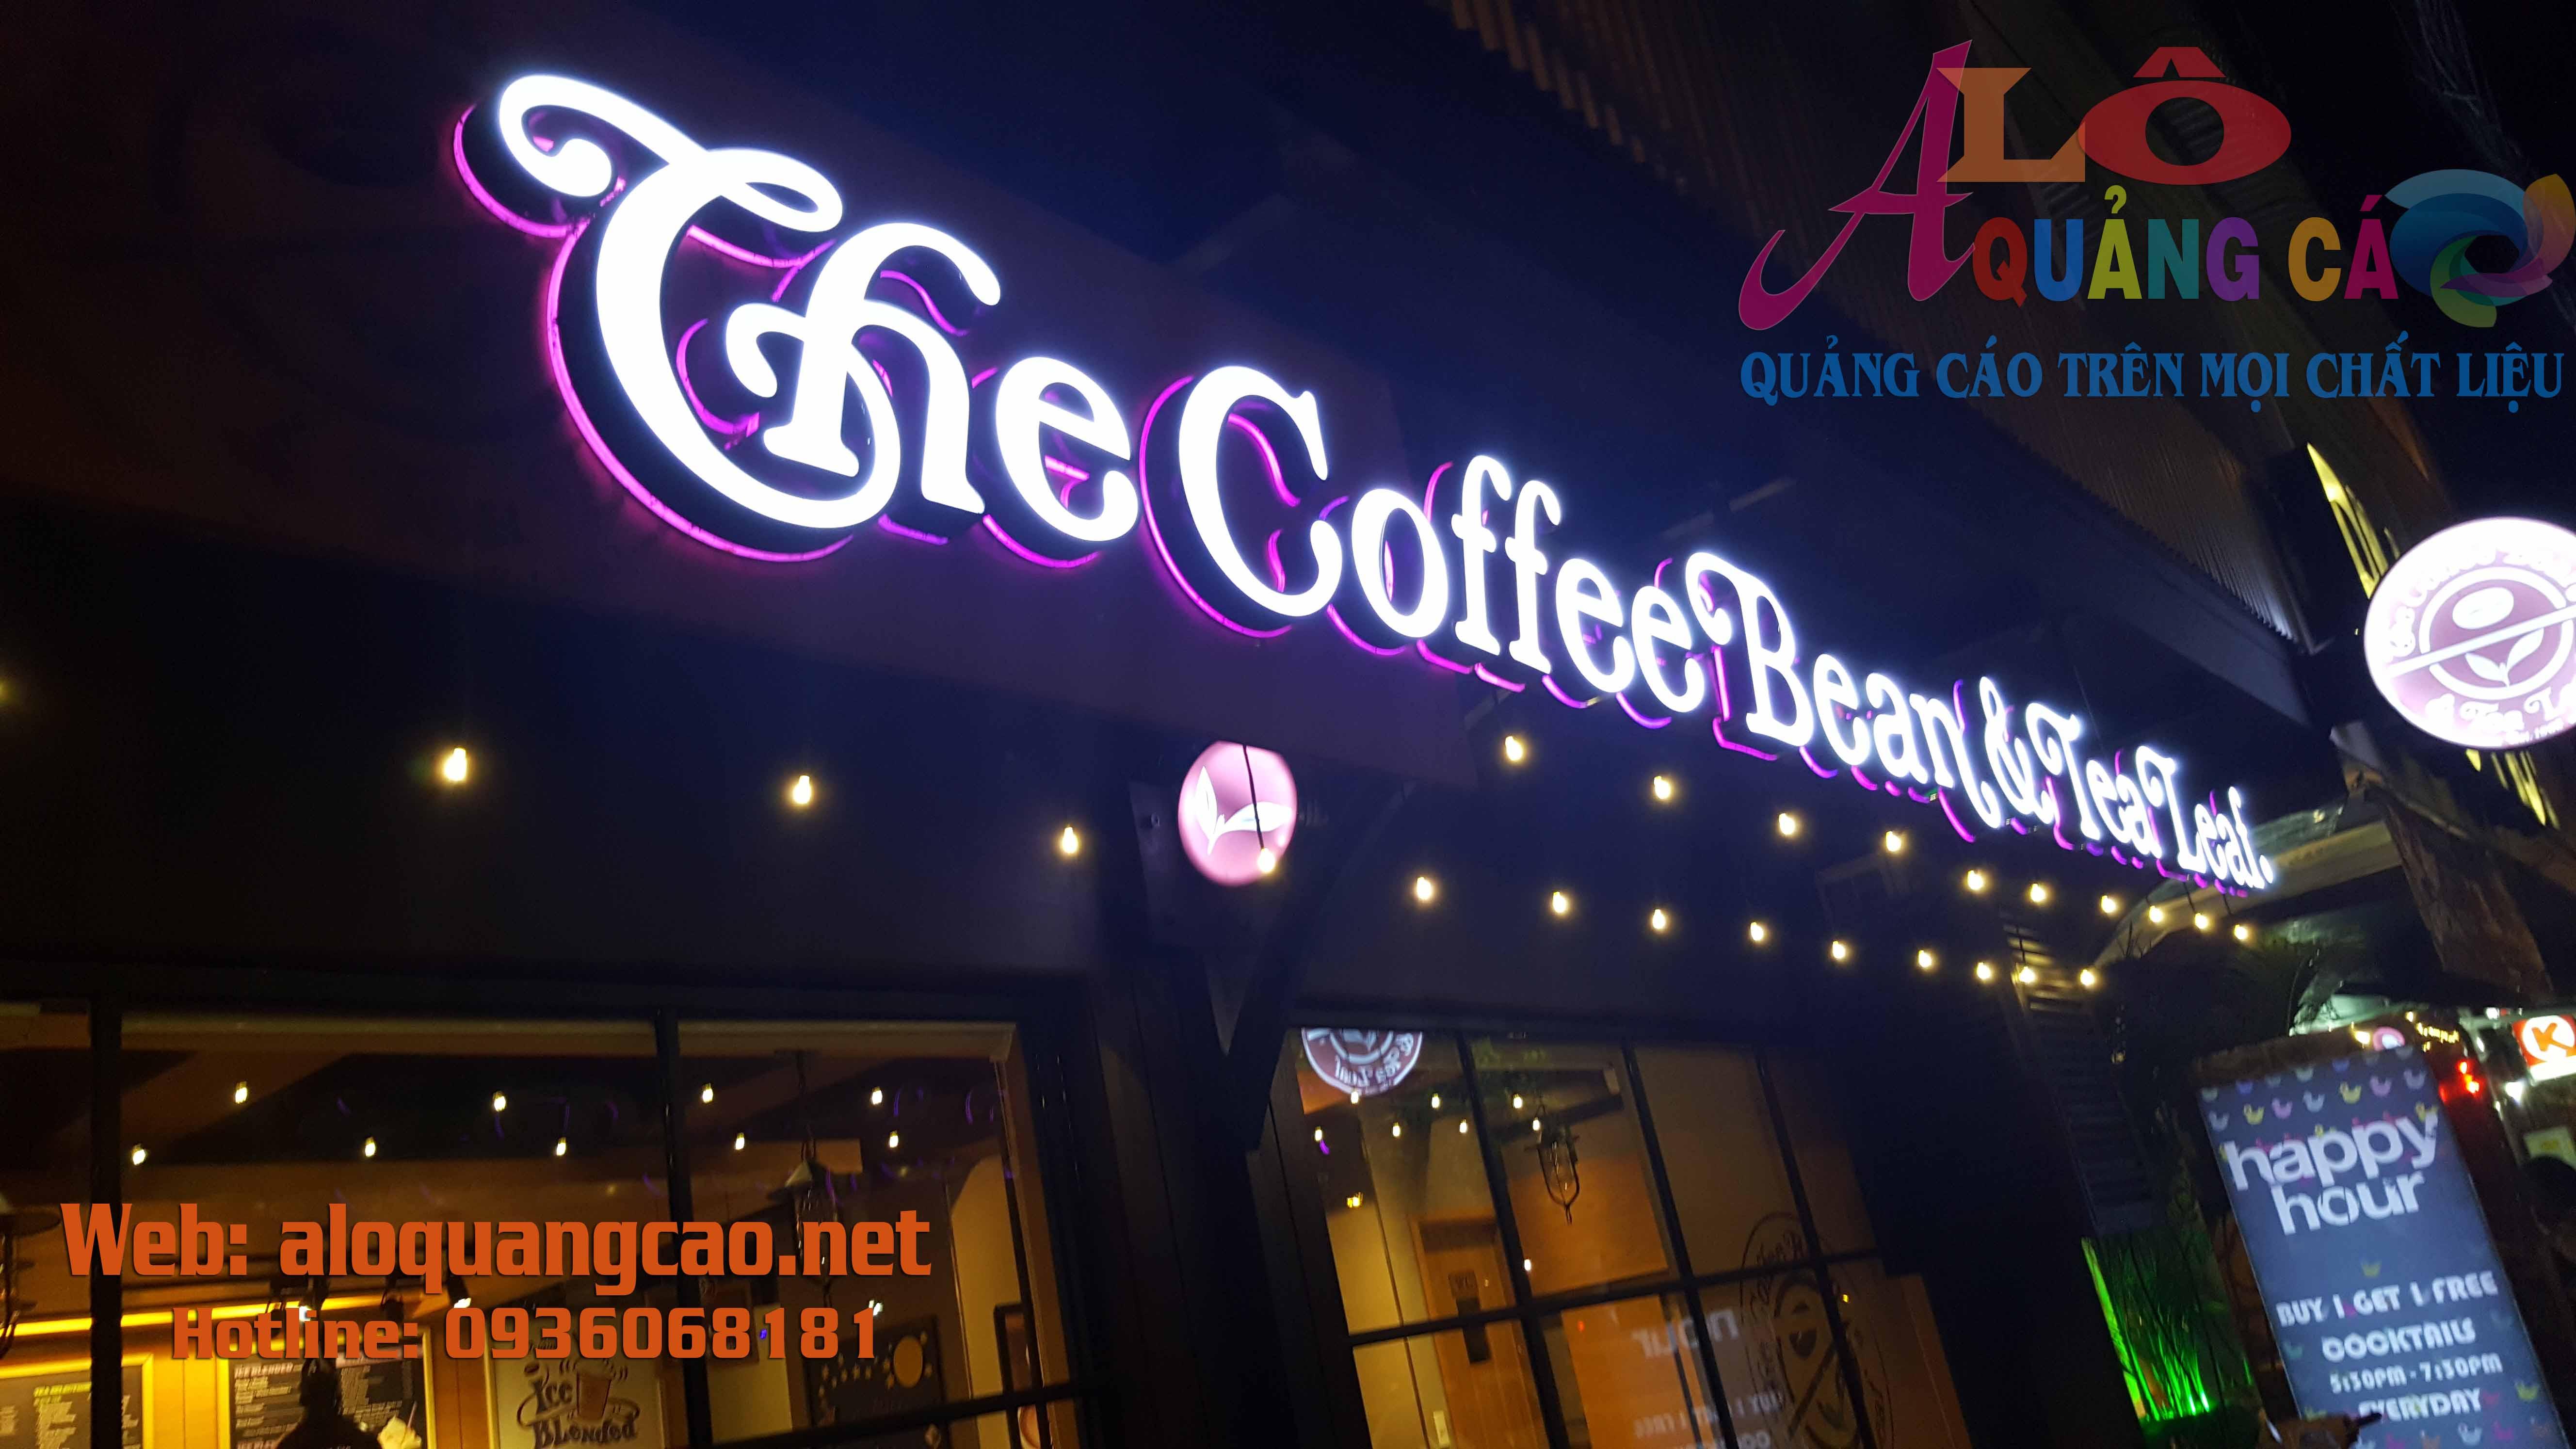 THIẾT KẾ THI CÔNG LÀM BIỂN HIỆU CHO QUÁN CÀ PHÊ ( Coffe )